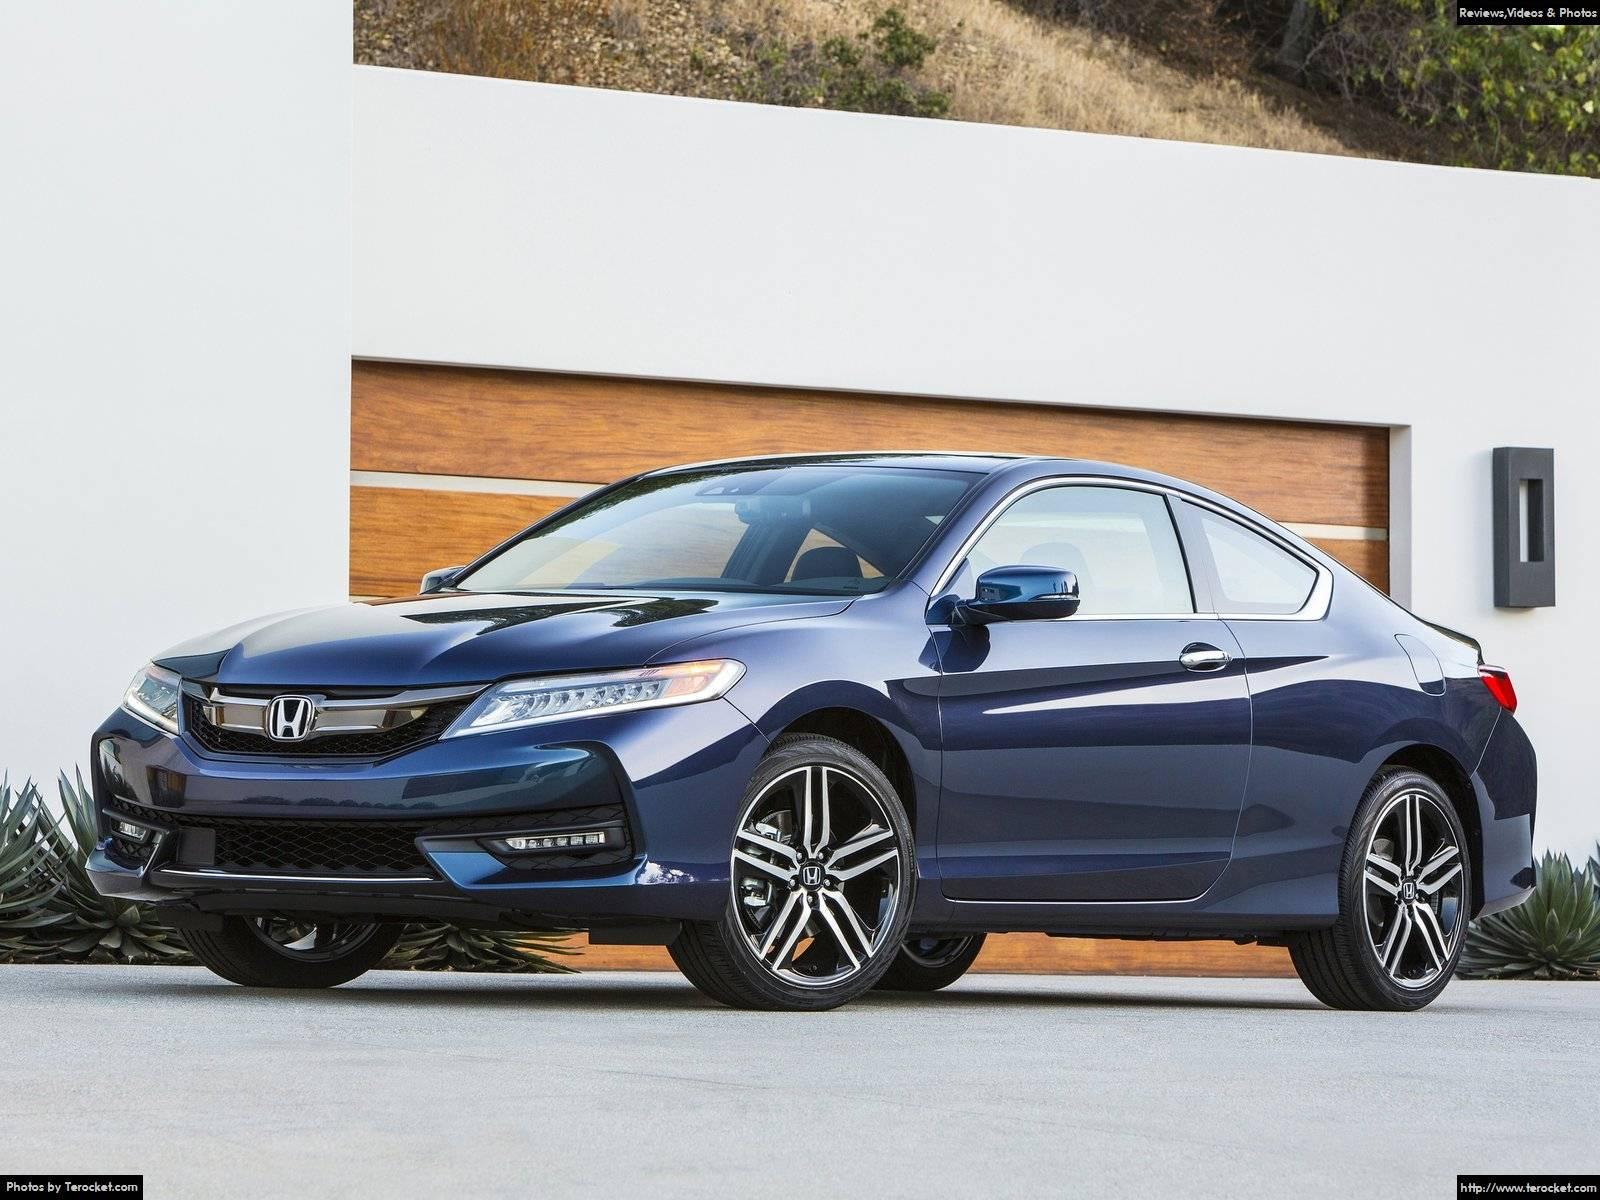 Hình ảnh xe ô tô Honda Accord Coupe 2016 & nội ngoại thất